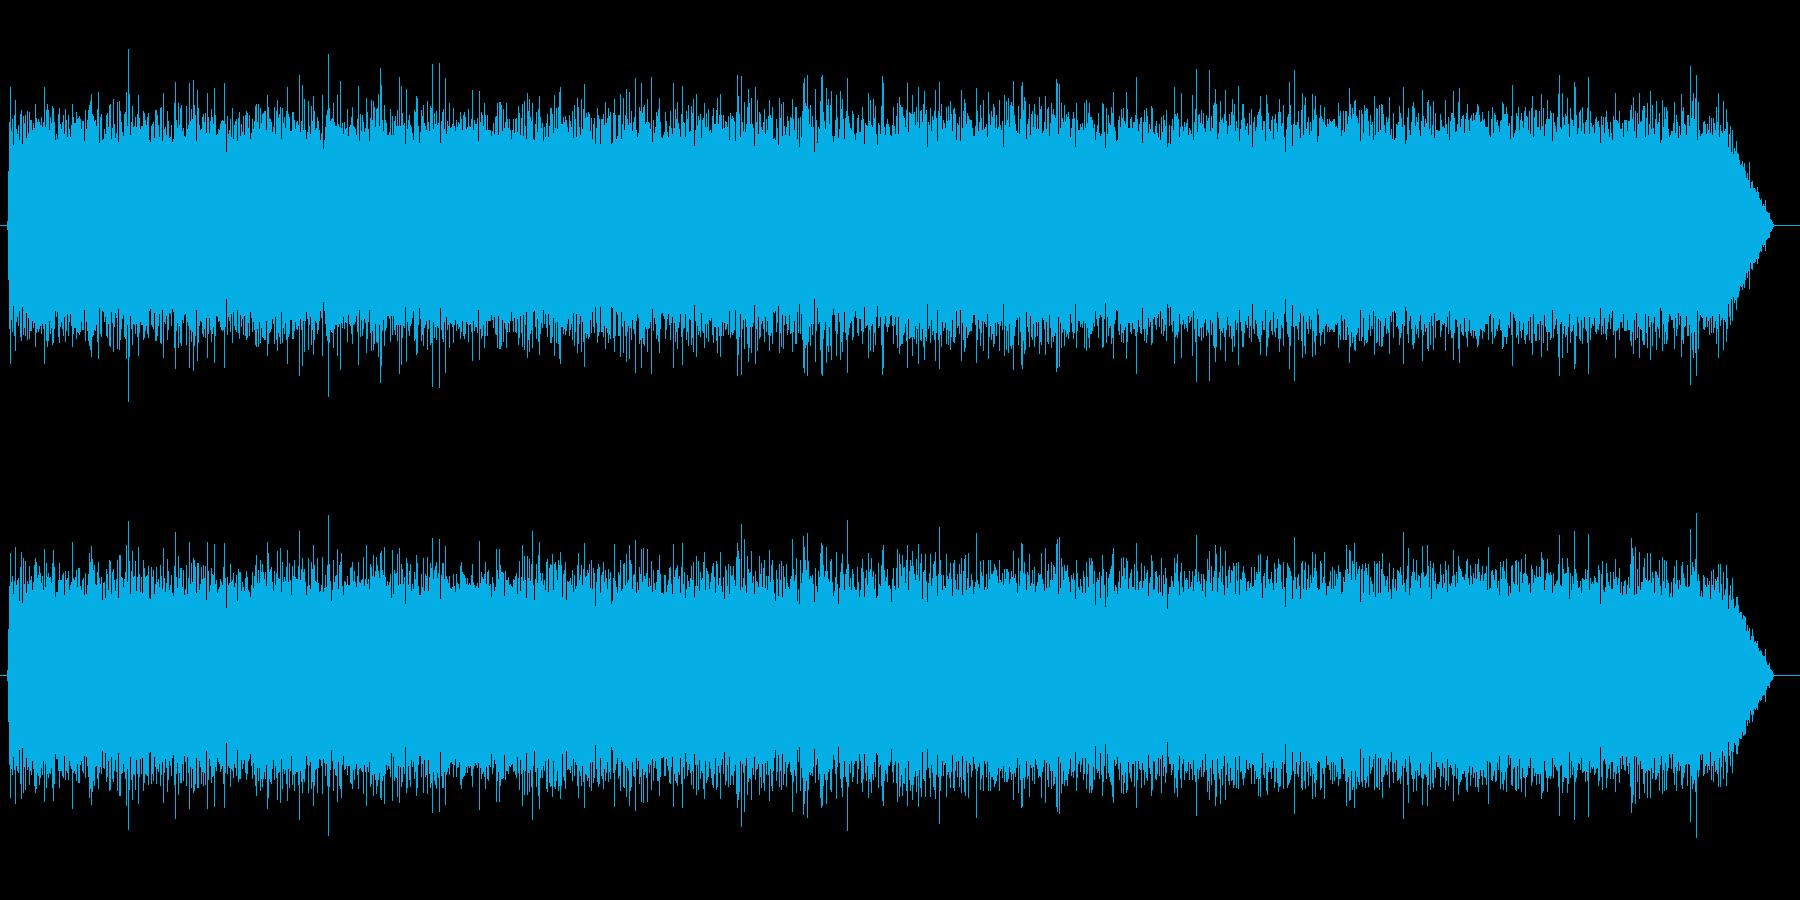 砂嵐効果音 低め テレビのノイズ ザーの再生済みの波形